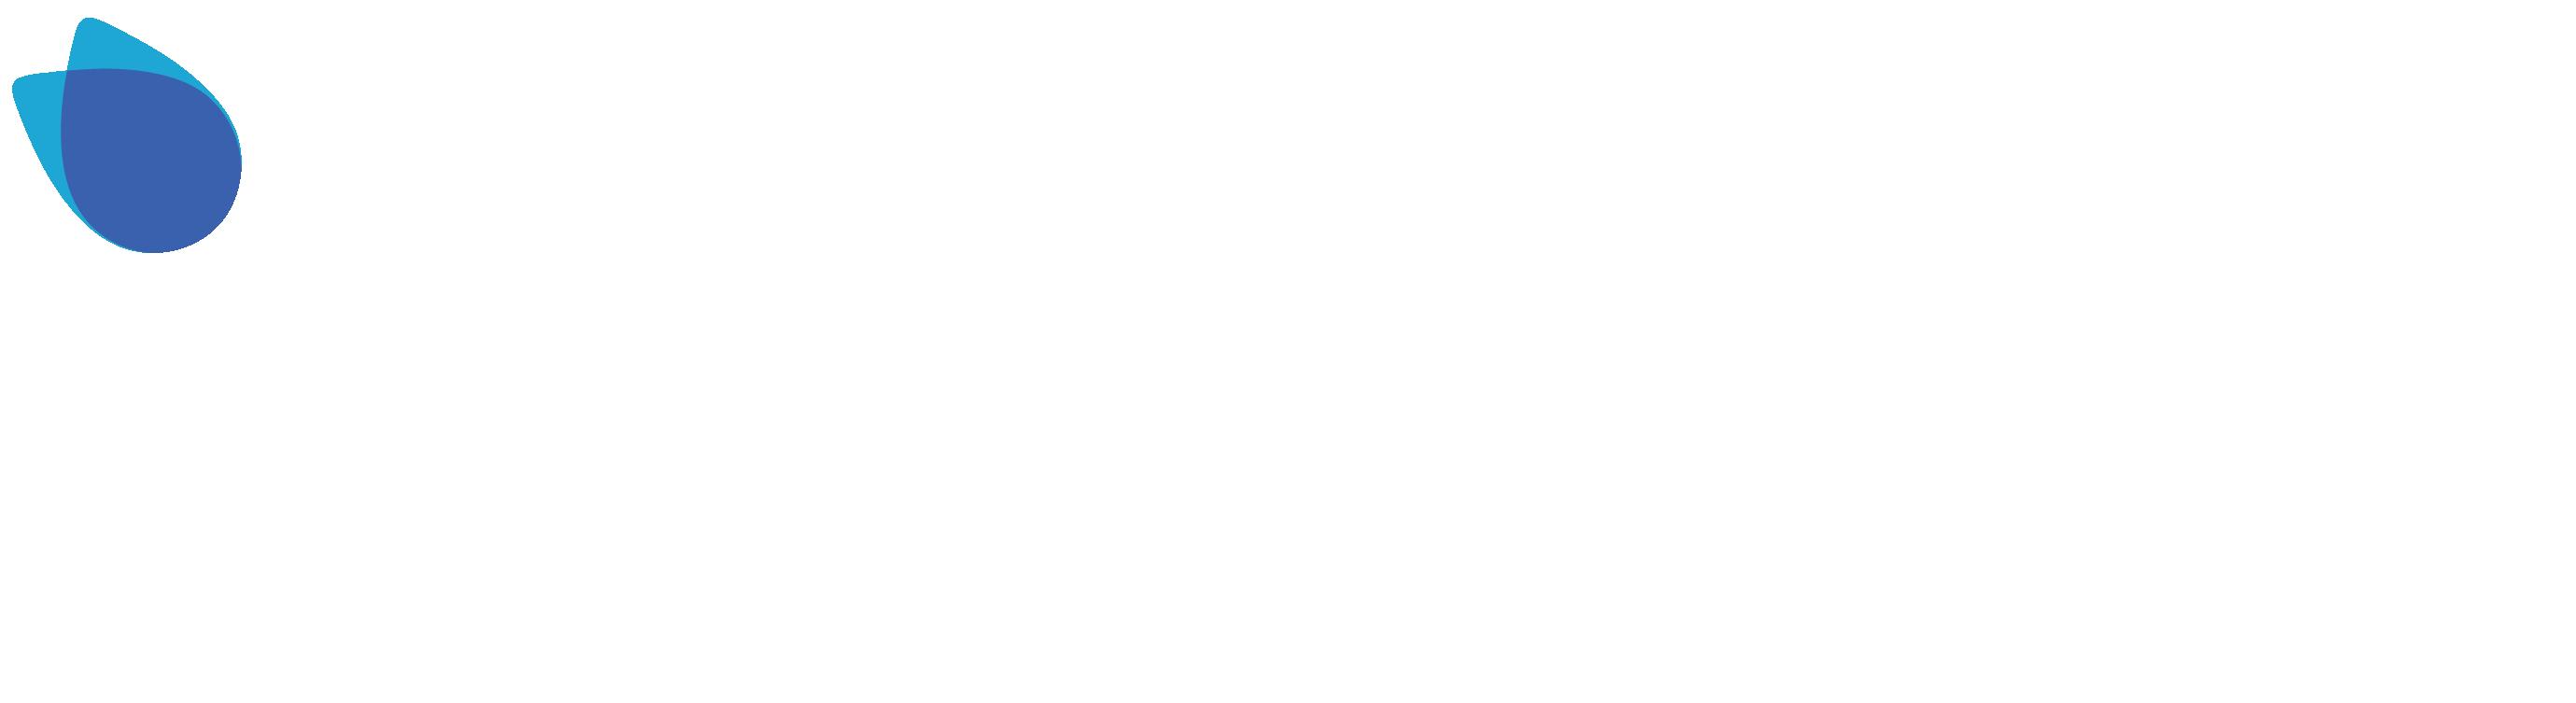 Curiousfly